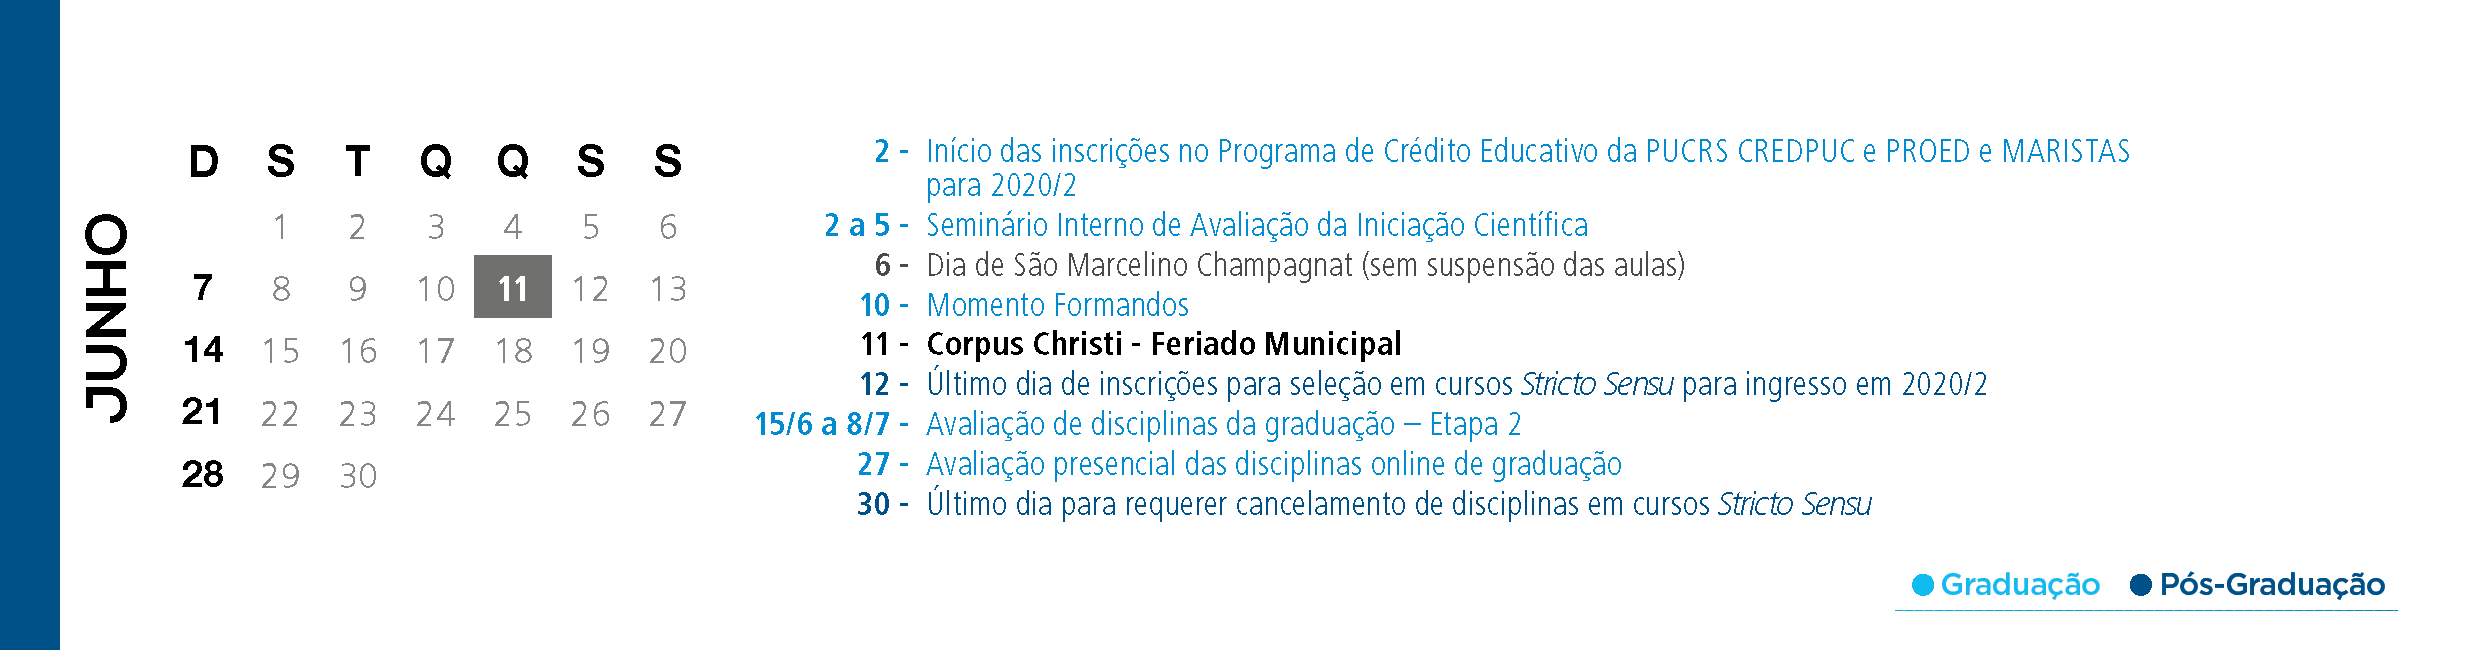 Calendário Acadêmico PUCRS - Mês de Junho